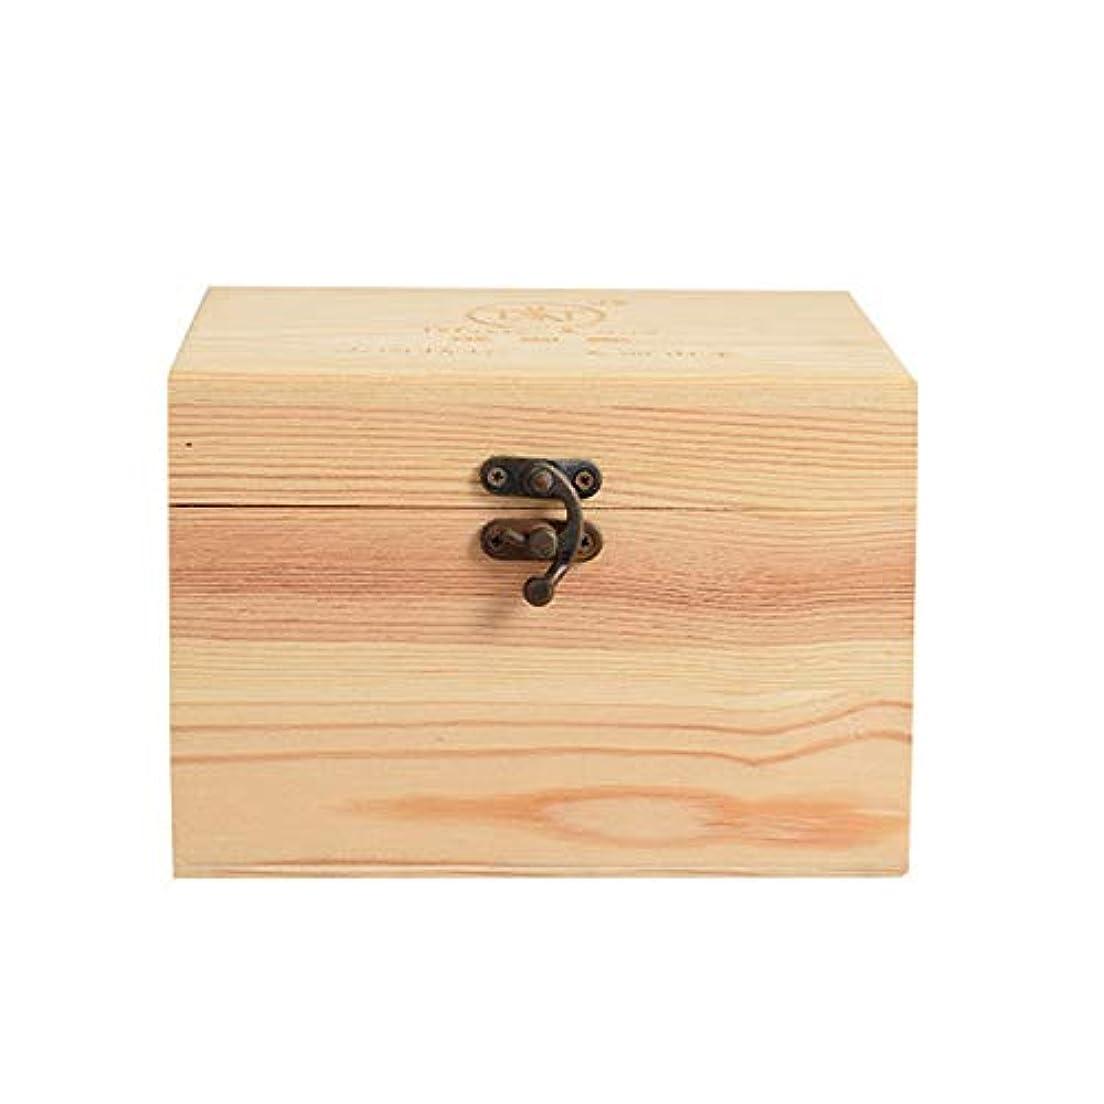 メーカー死にかけているクレアエッセンシャルオイルストレージボックス プレゼンテーションのために9ボトル木製エッセンシャルオイルストレージボックスパーフェクトエッセンシャルオイルケースは被害太陽光からあなたの油を保護します 旅行およびプレゼンテーション...